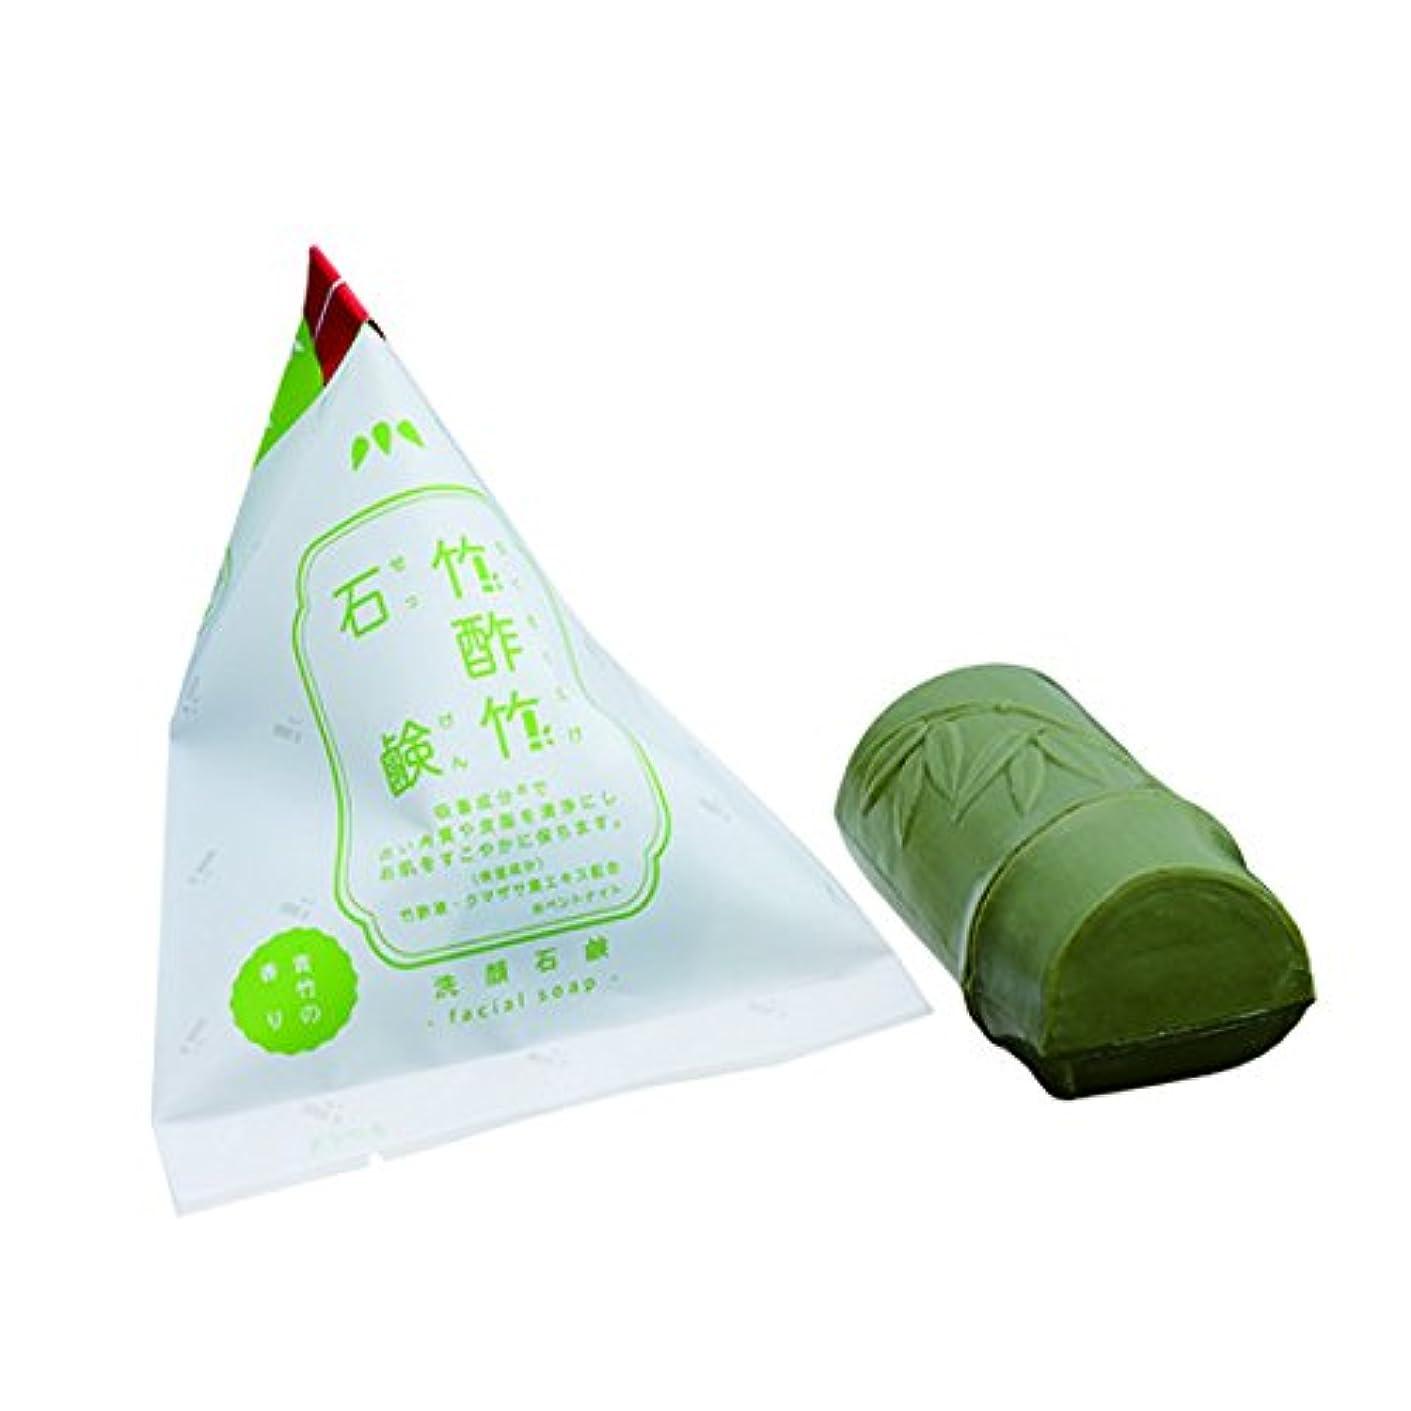 ペルメルソートビジュアルフェニックス 化粧石けんAB(竹酢竹石鹸)標準重量120g